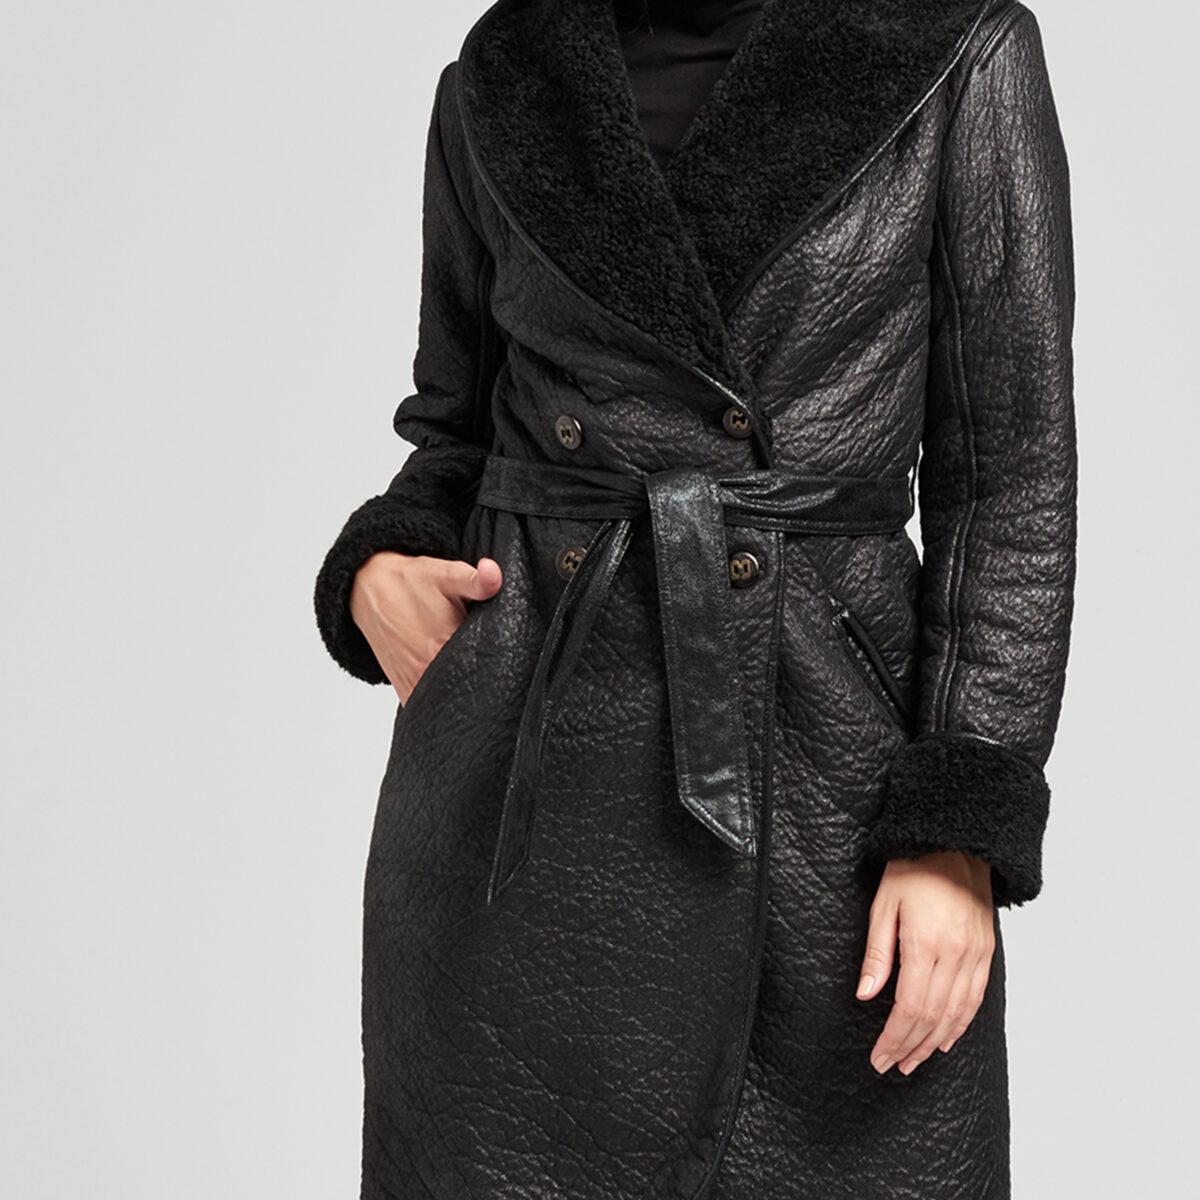 Płaszcz Calgary kolor czarny, eko kożuch. Kolekcja JesieńZima AB Nahlik